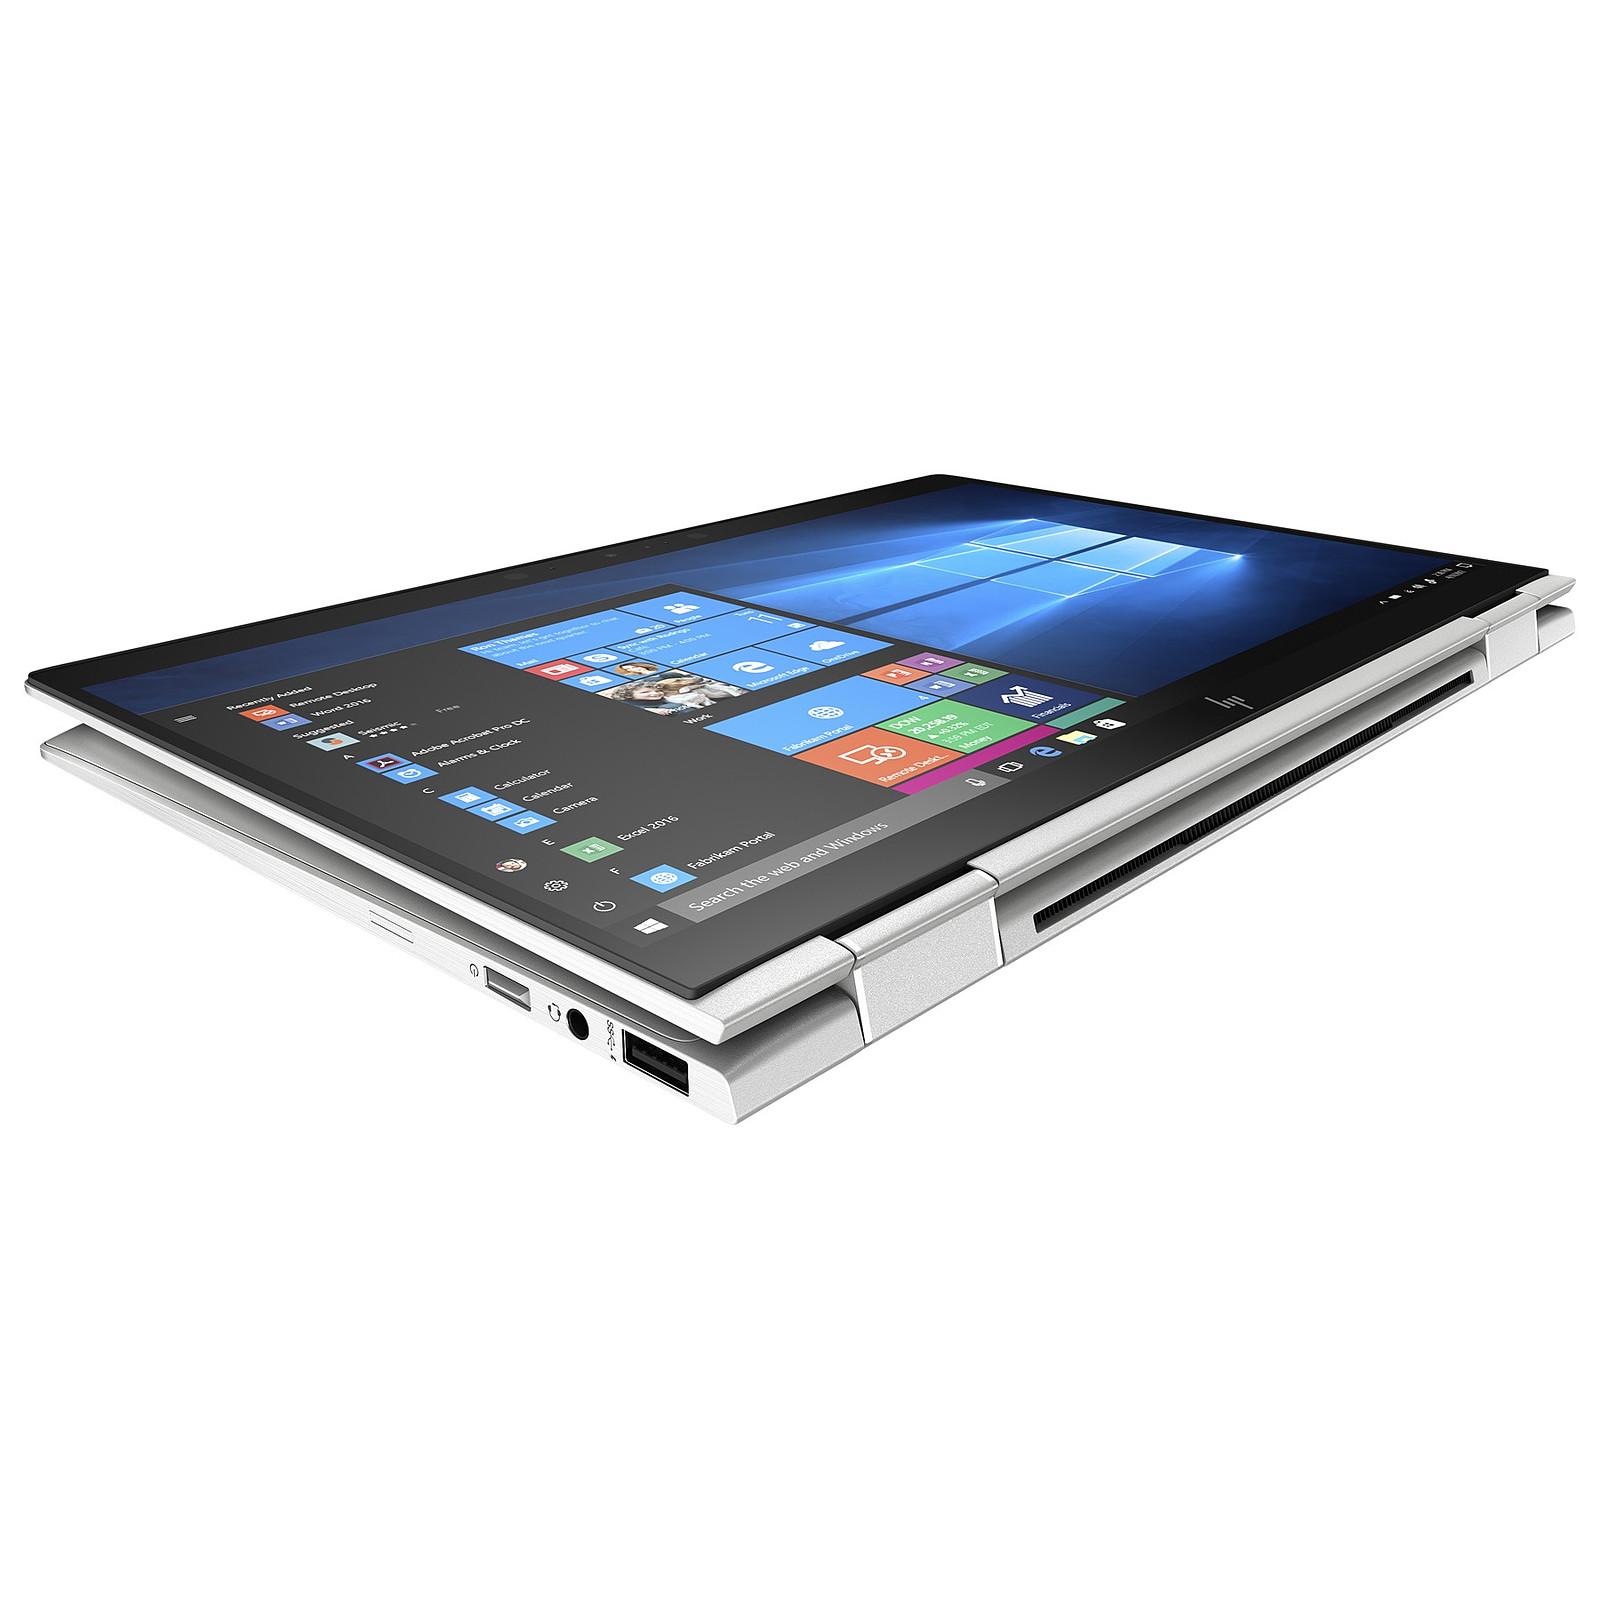 """Résultat de recherche d'images pour """"hp elitebook x360 1030 g4 avec stylet hp"""""""